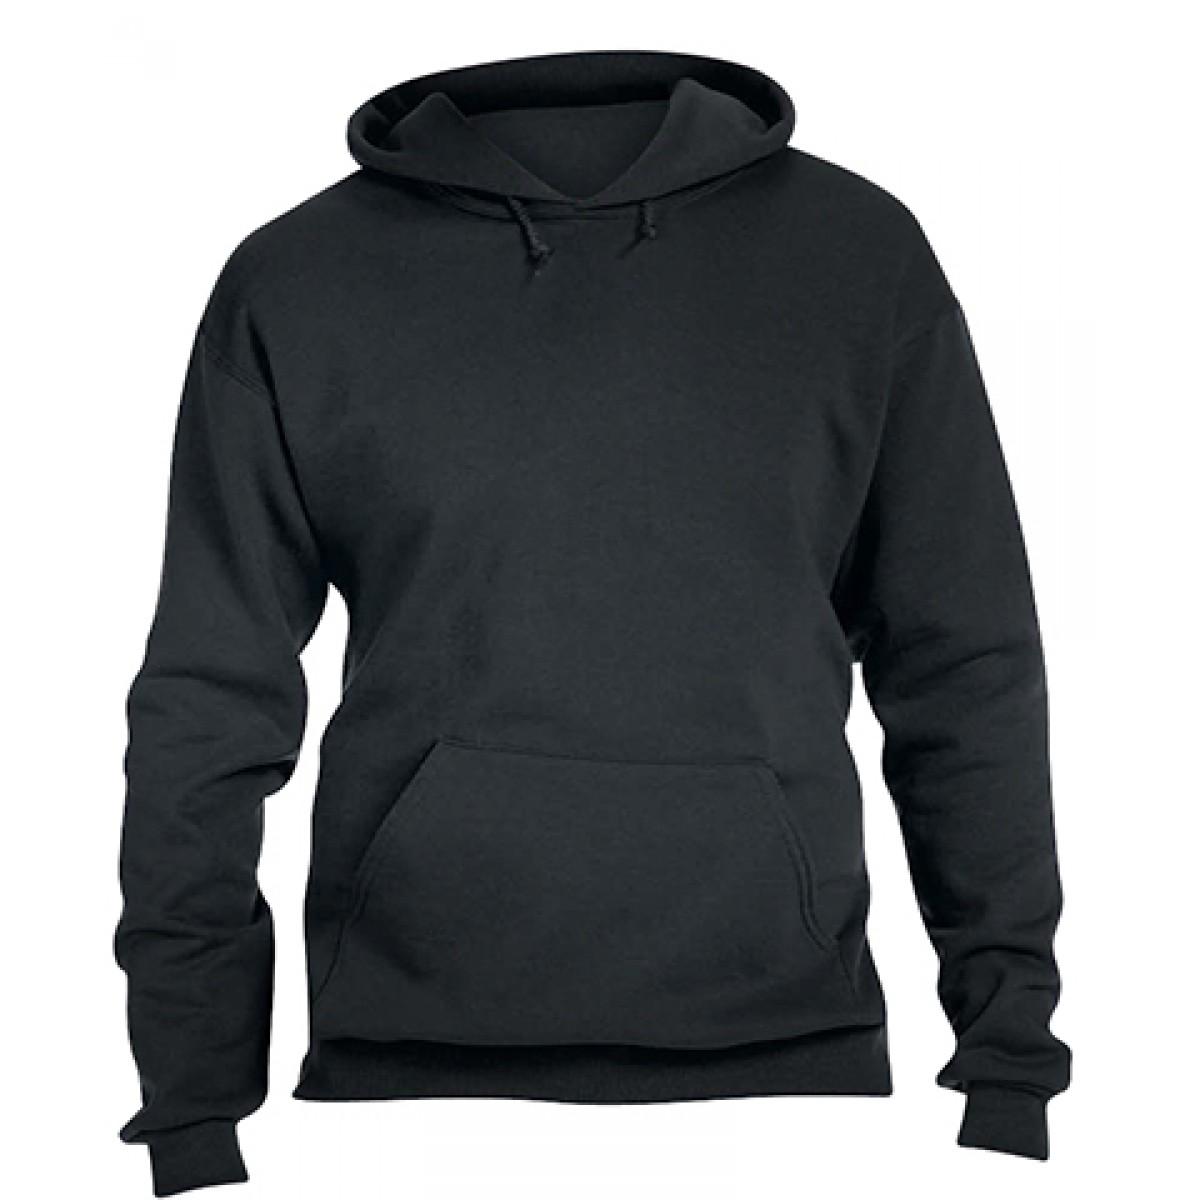 Pullover Hood 50/50 Preshrunk Fleece-Black-4XL